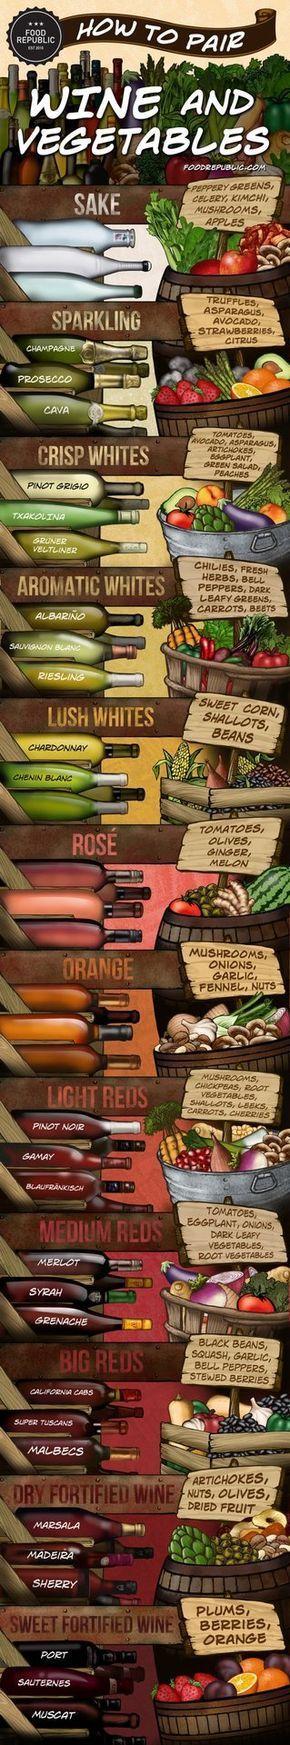 ¿Vinos y vegetales? Claro! completamente válido!